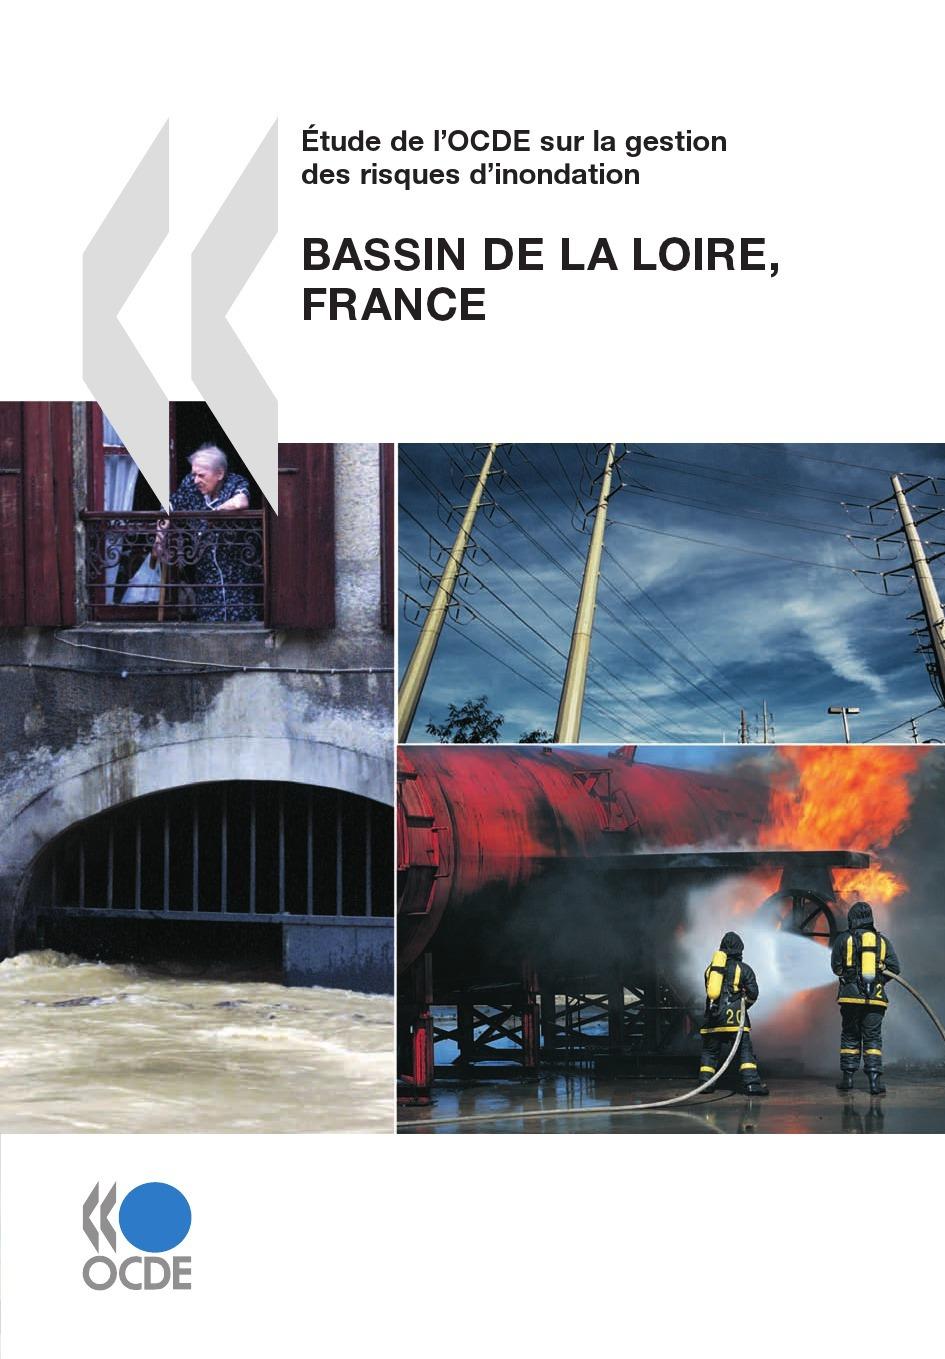 Collective Étude de l´OCDE sur la gestion des risques d´inondation: Bassin de la Loire, France 2010